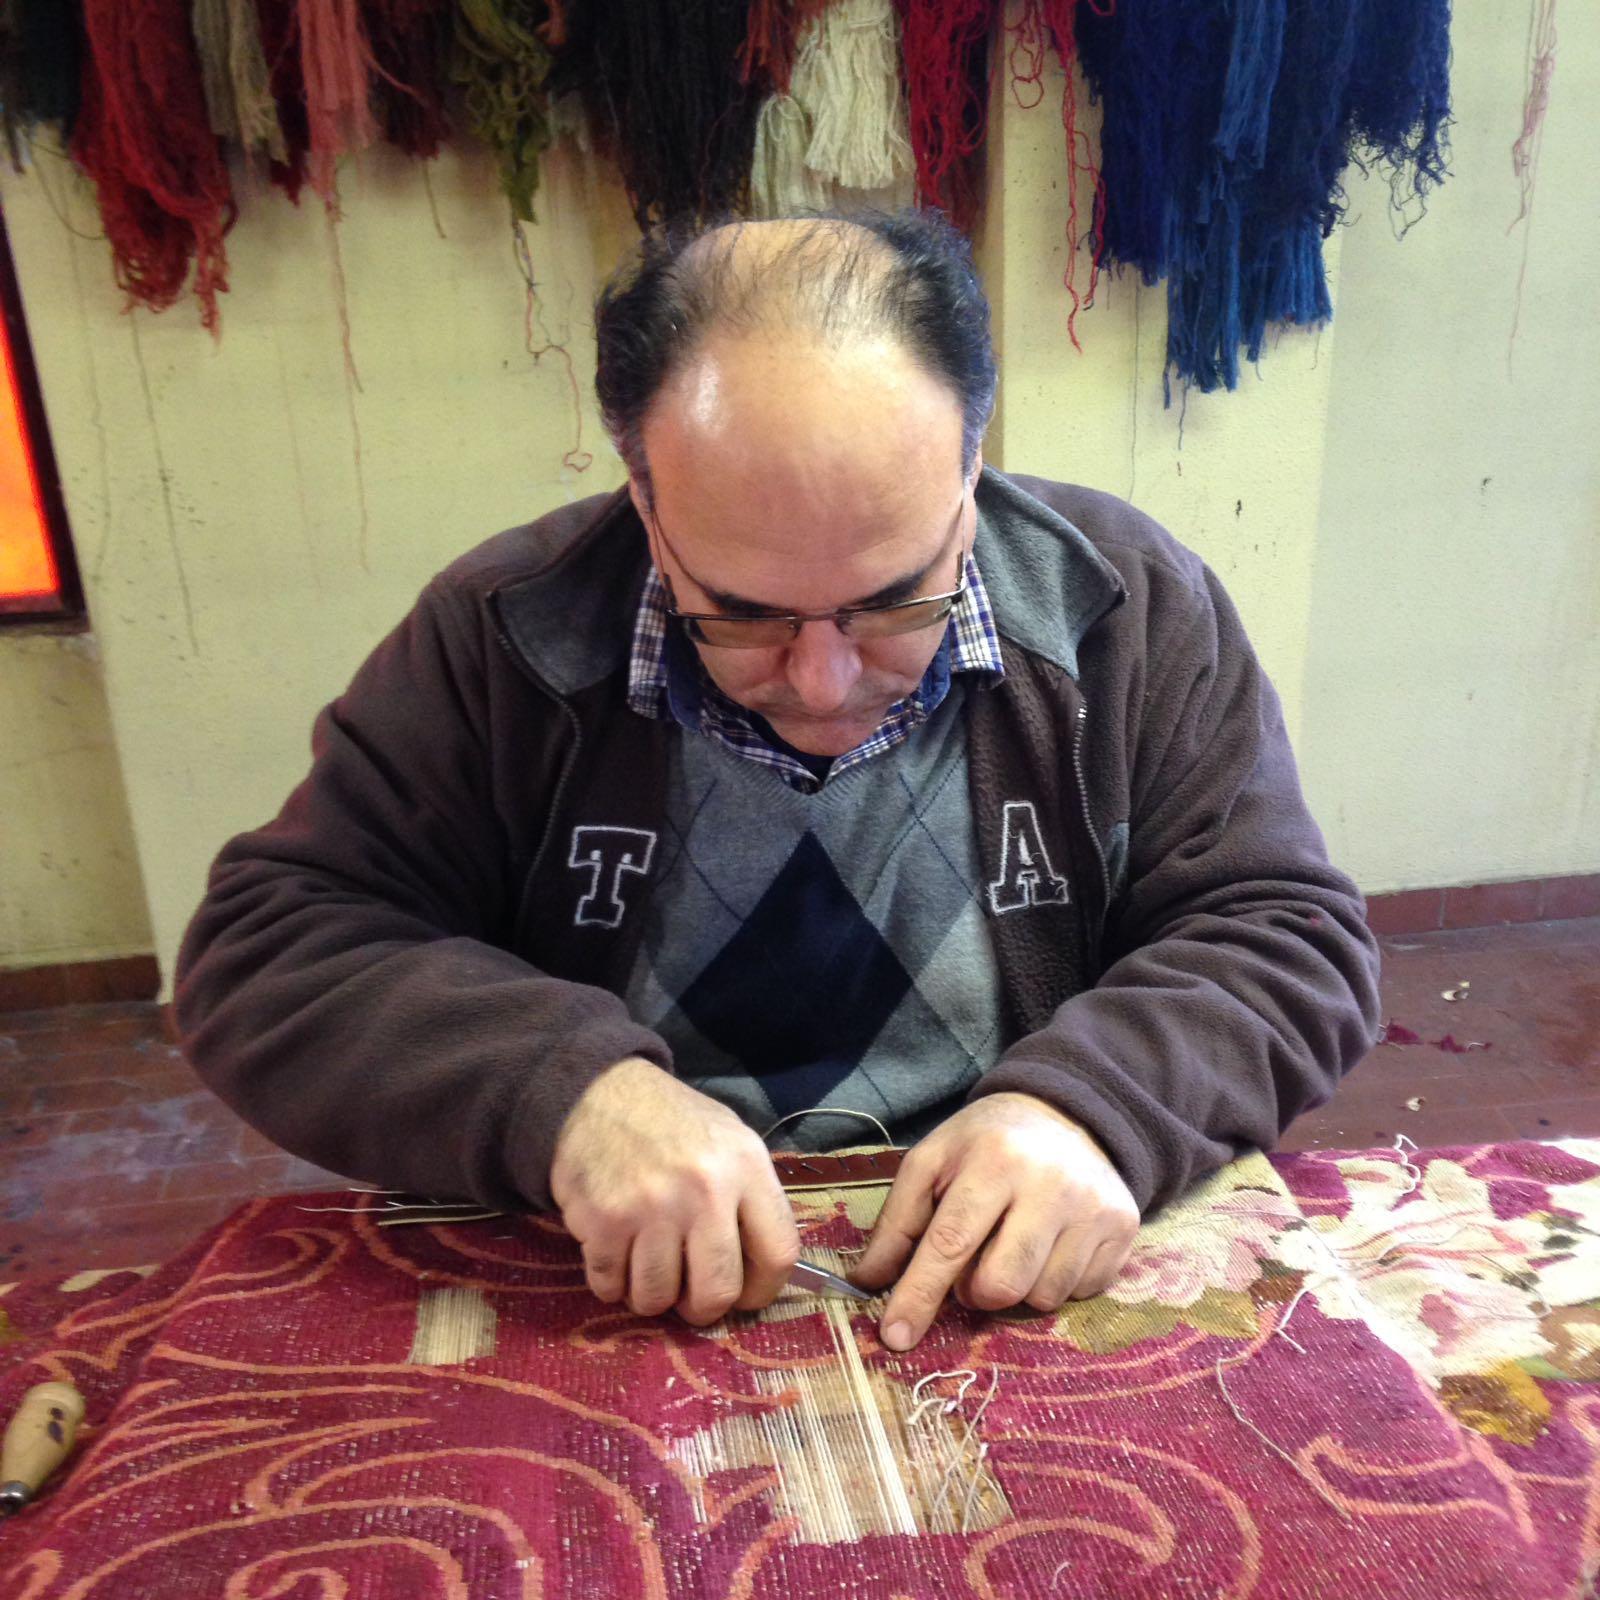 esperto durante la riparazione di un tappeto pregiato